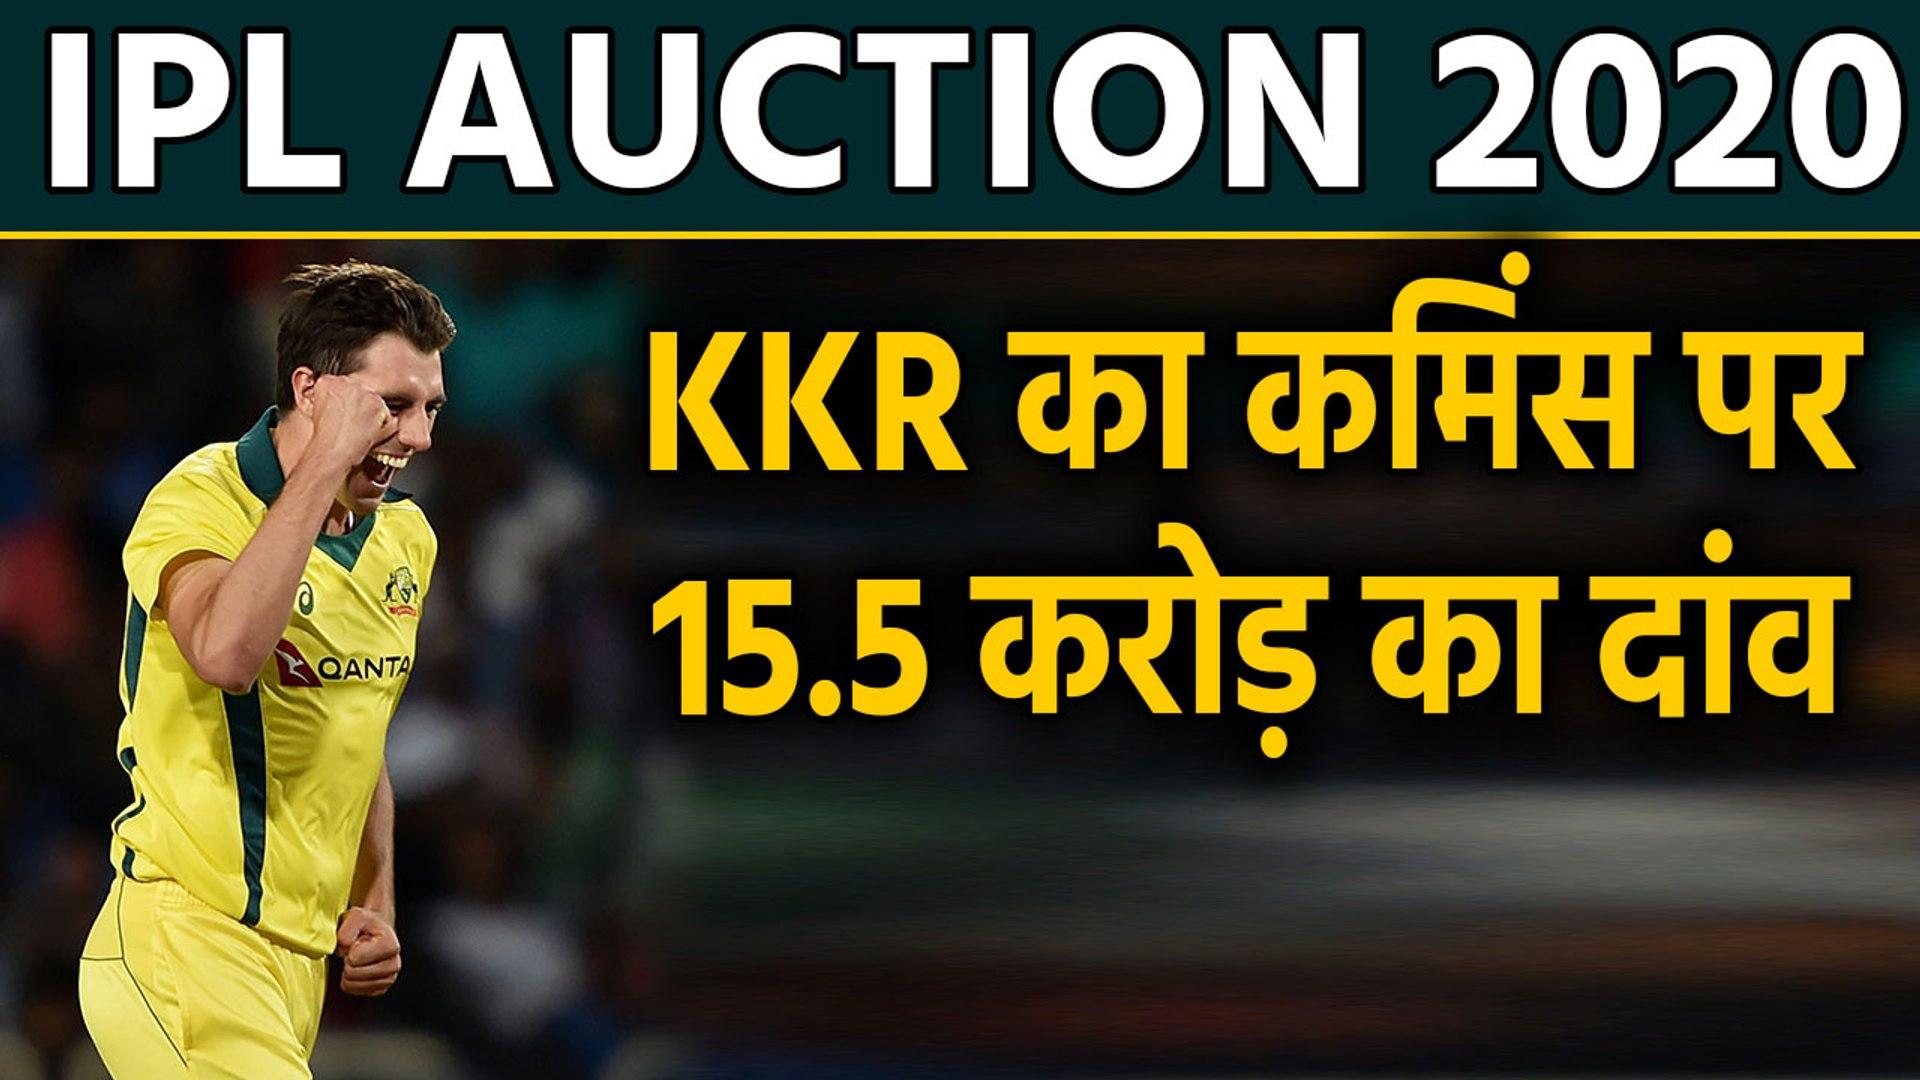 IPL Auction 2020 : Pat Cummins को KKR ने 15.5 करोड़ में खरीदा | वनइंडिया हिंदी